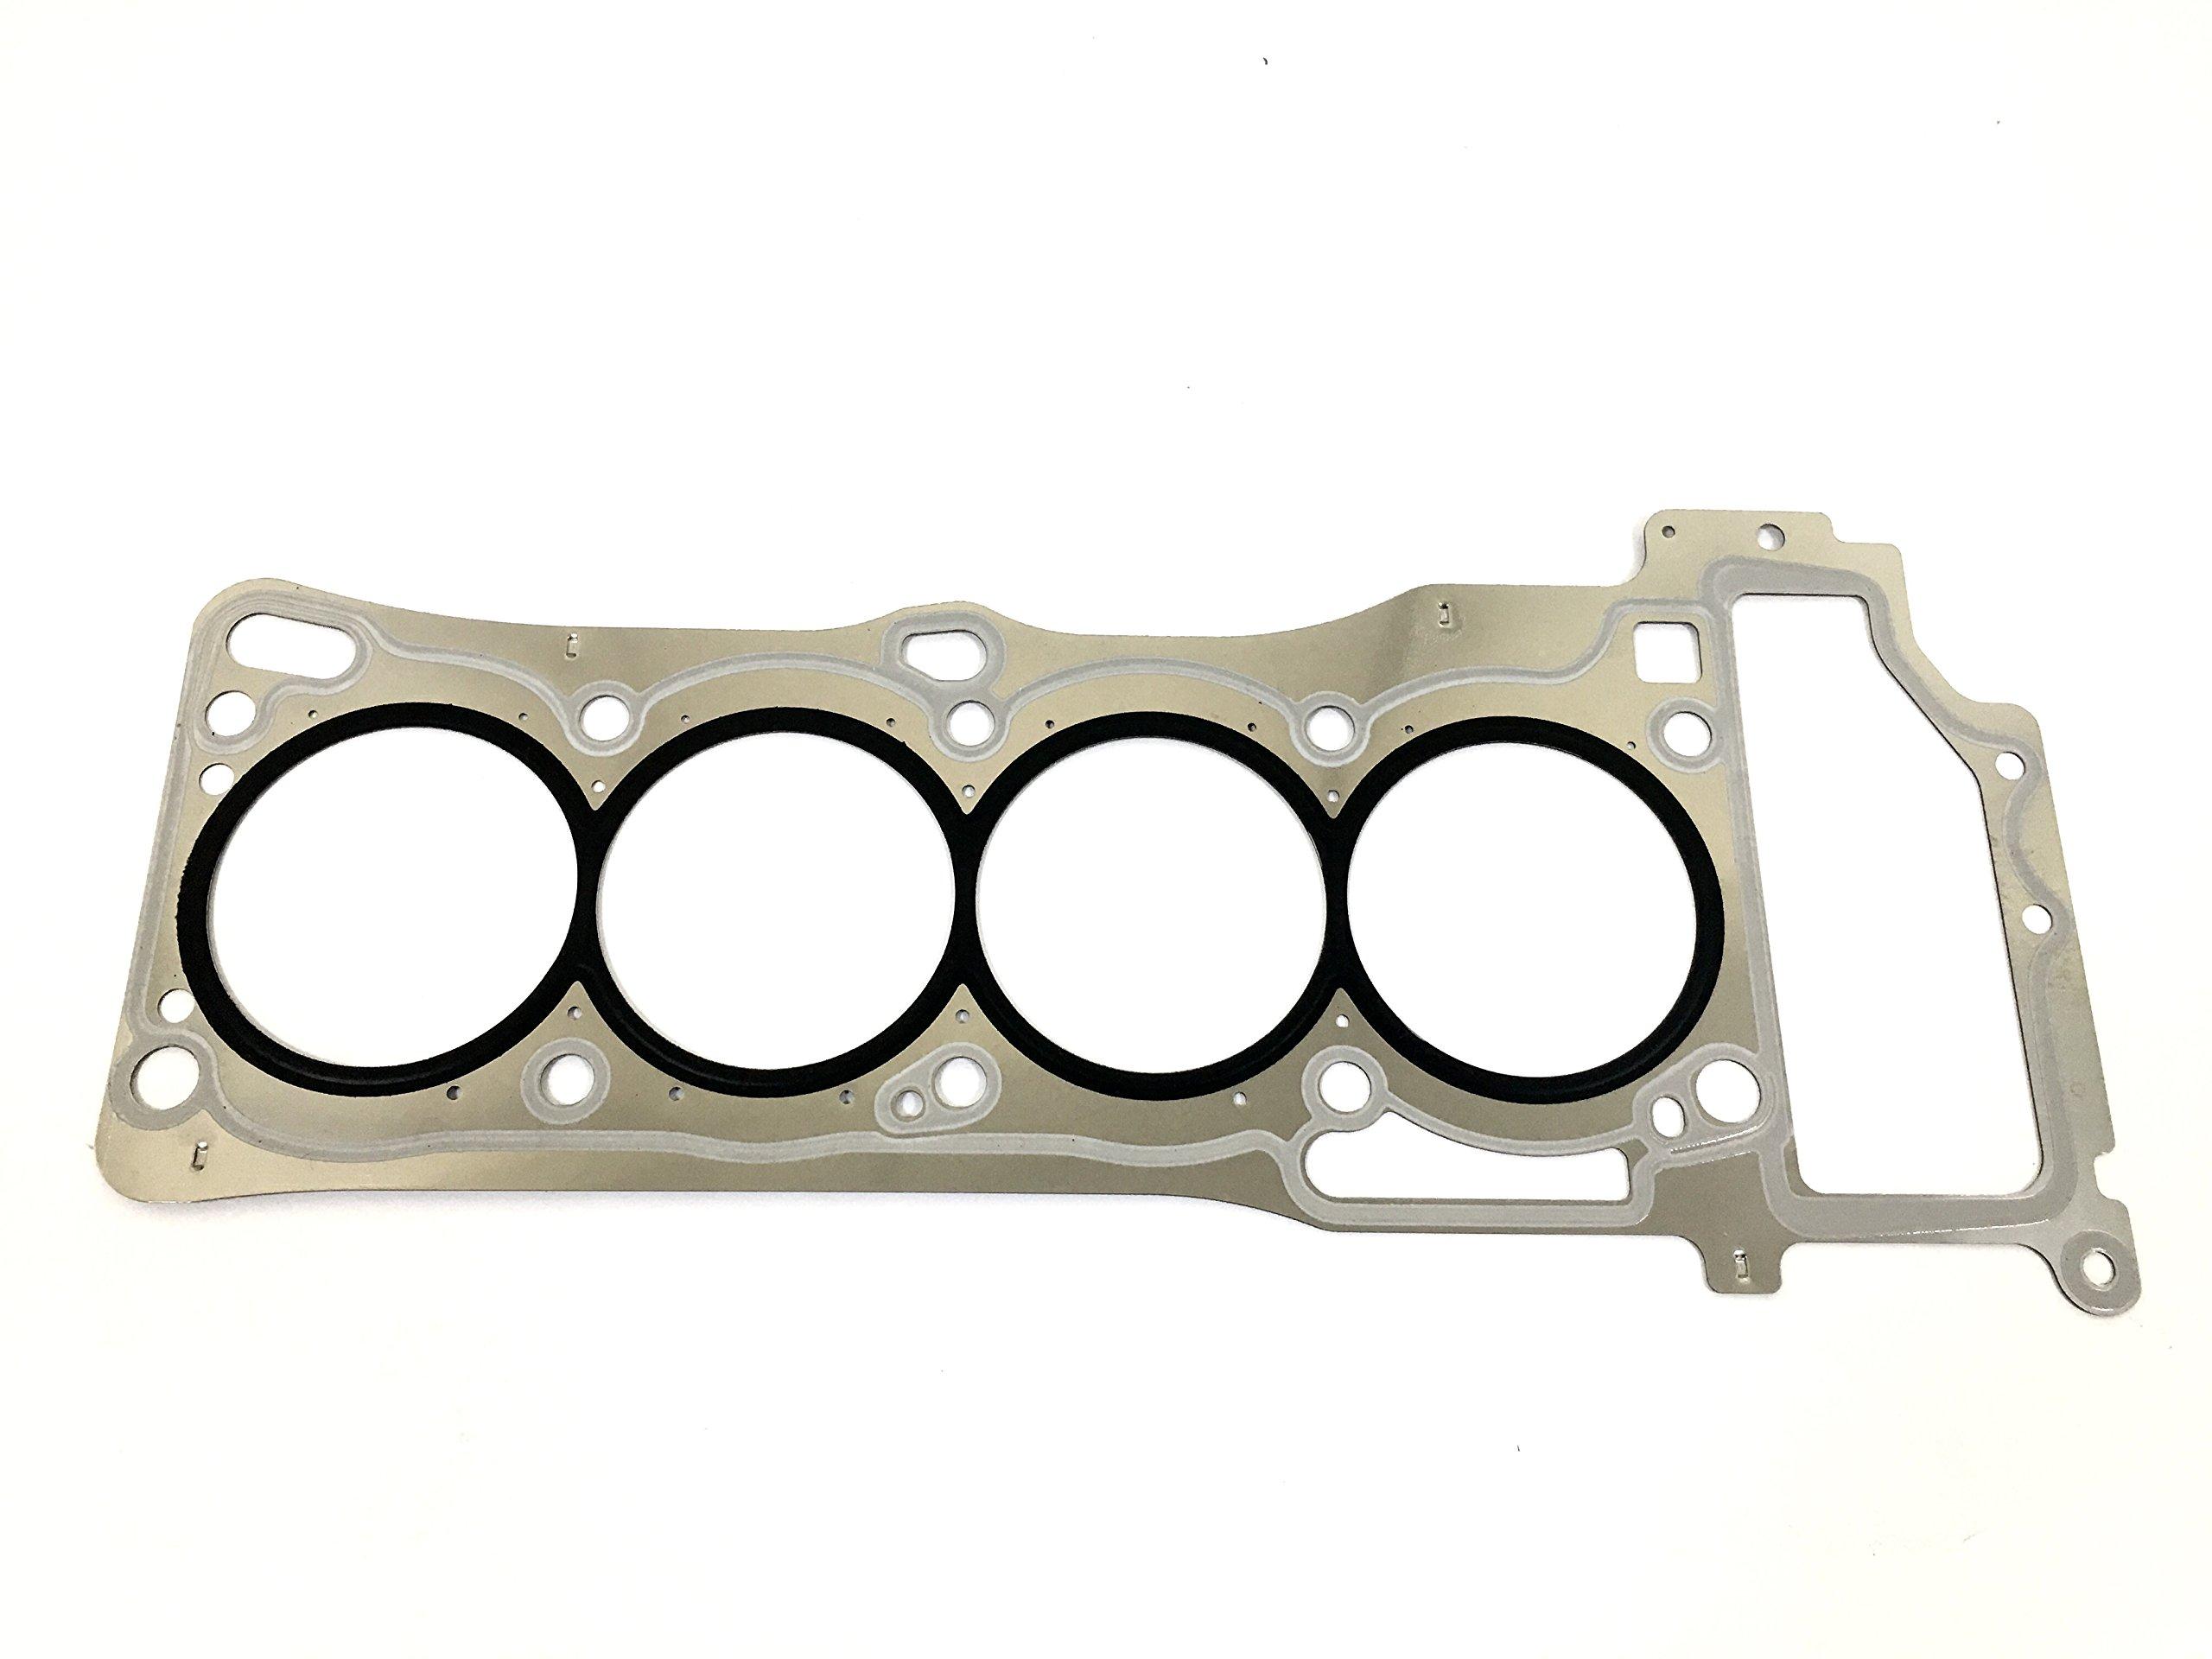 ERISTIC EG913 MLS Head Gasket For 2000-2006 Nissan Sentra 1.8L L4 Engine